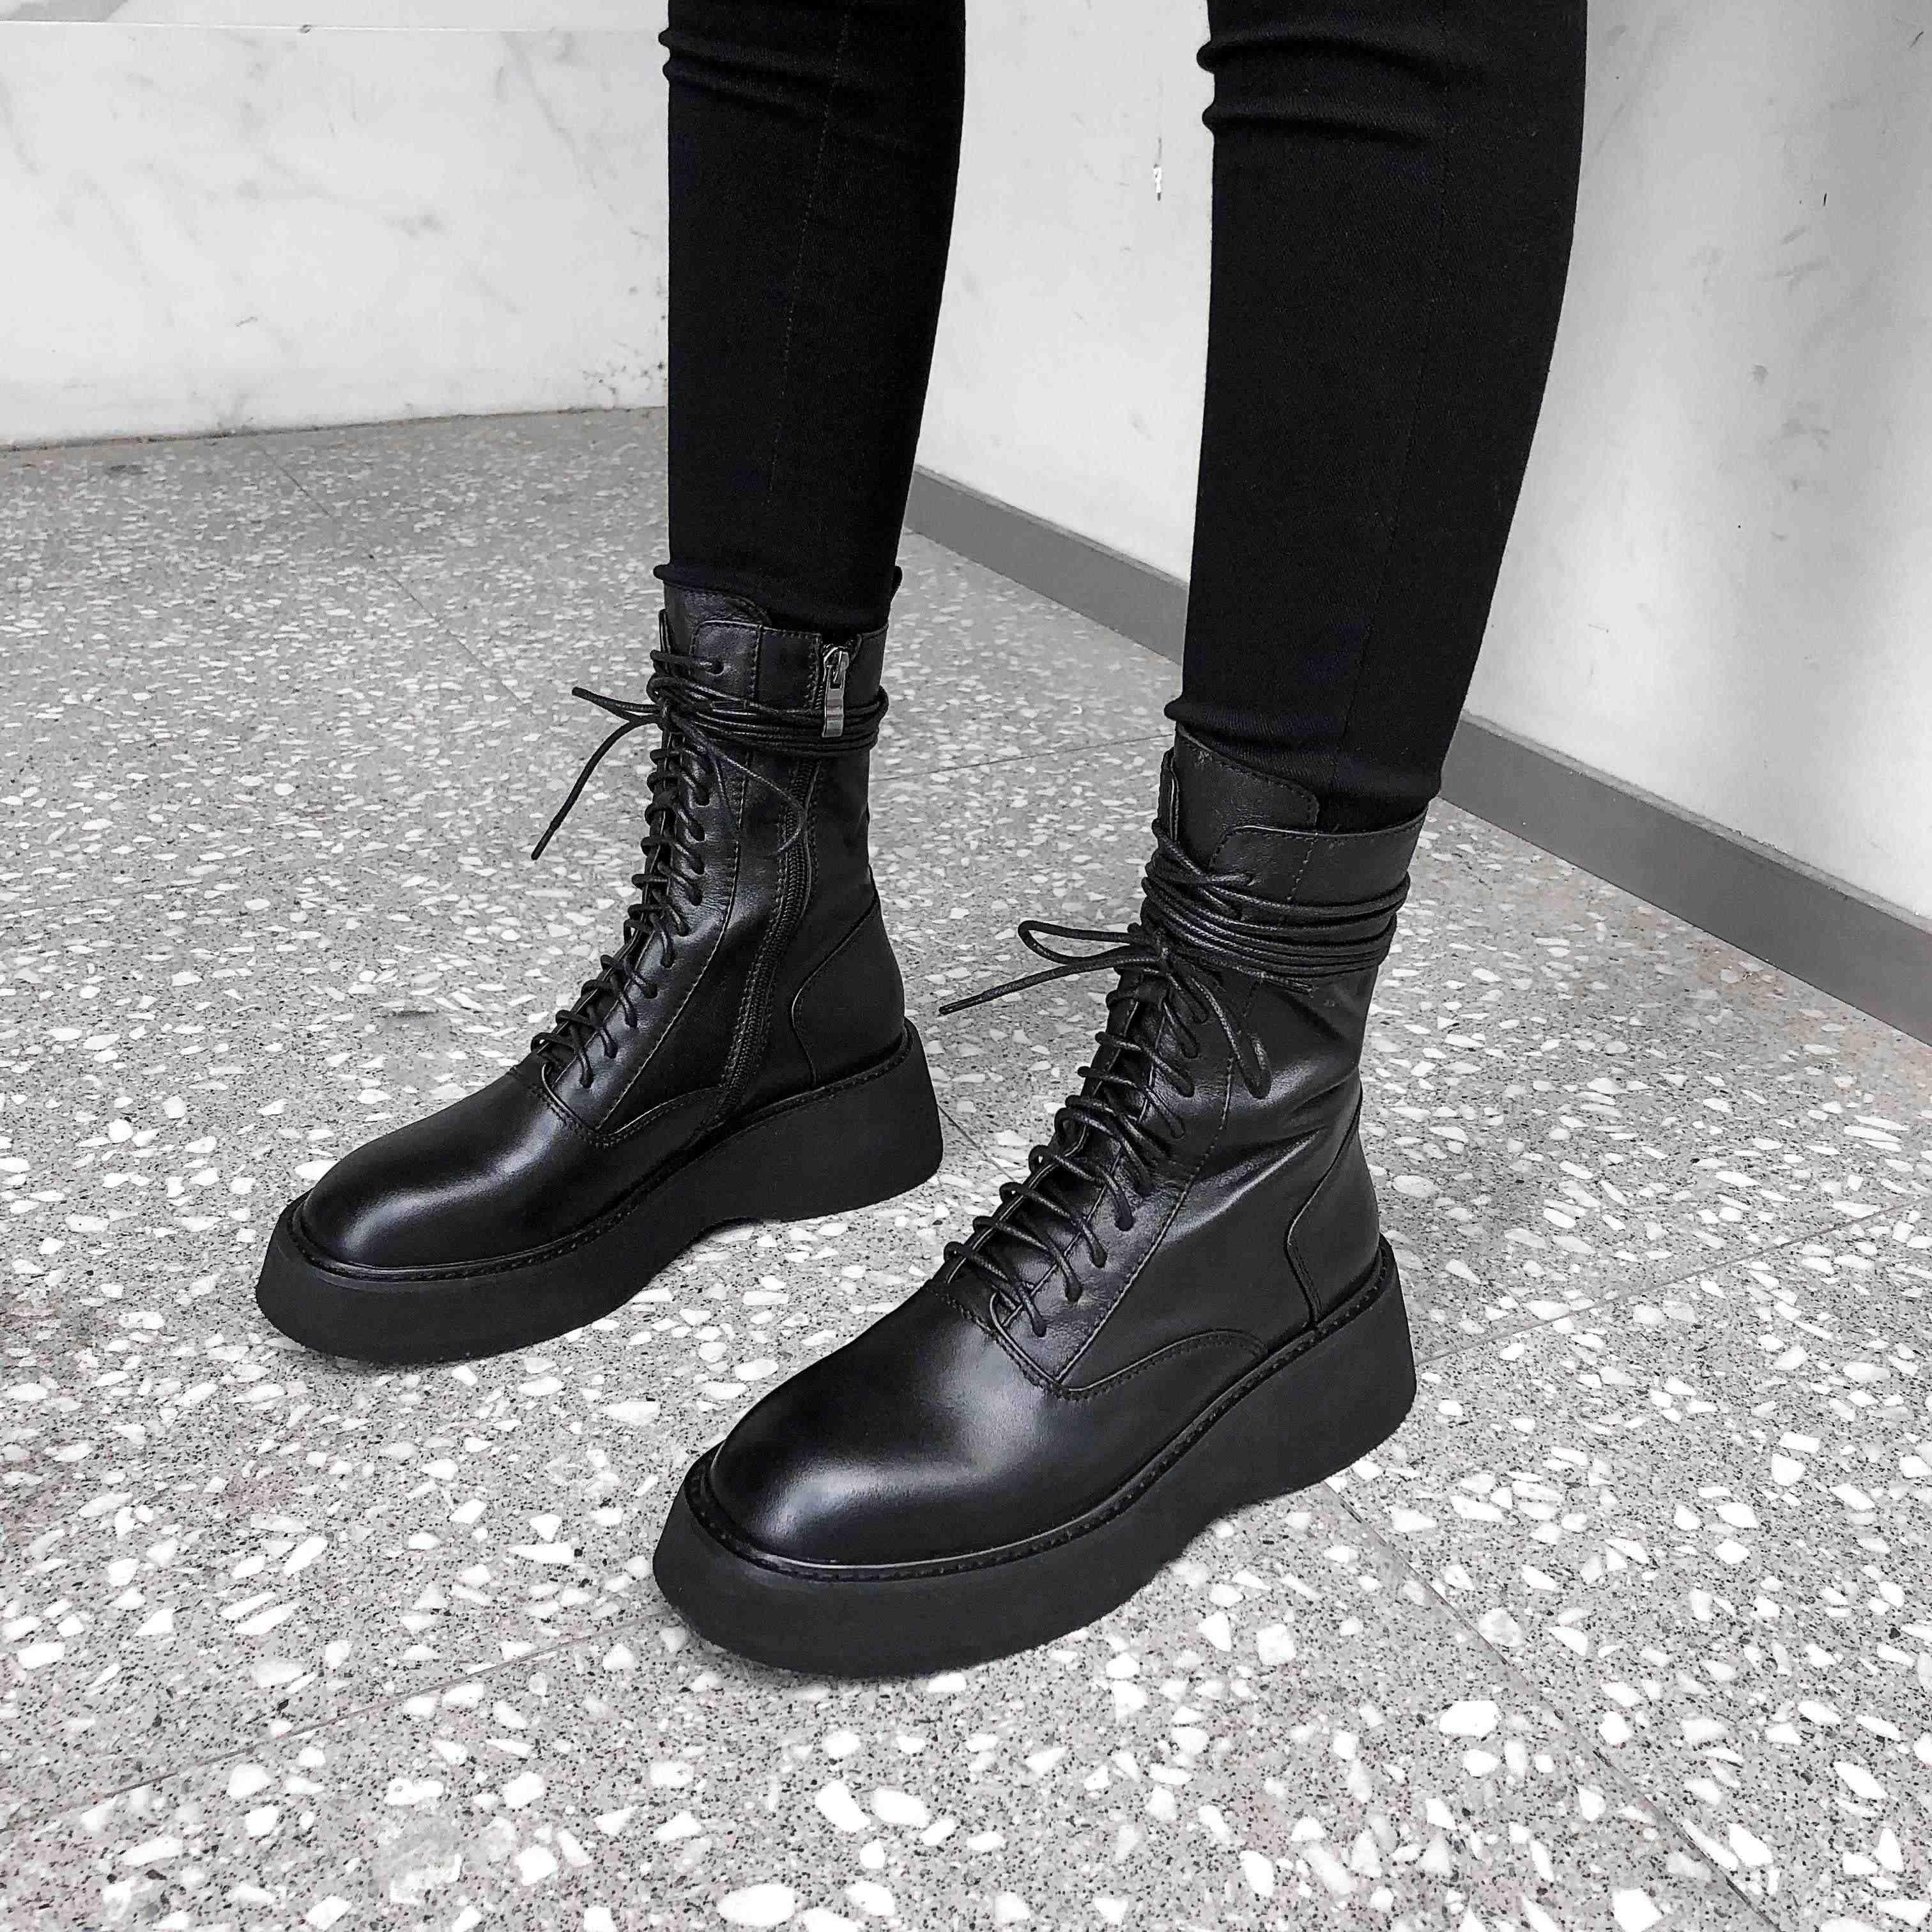 Krazing Pot eenvoudige stijl solide classic basic koe lederen laarzen ronde neus hoge hakken winter houden vrouwen lace up mid kuit laarzen L15